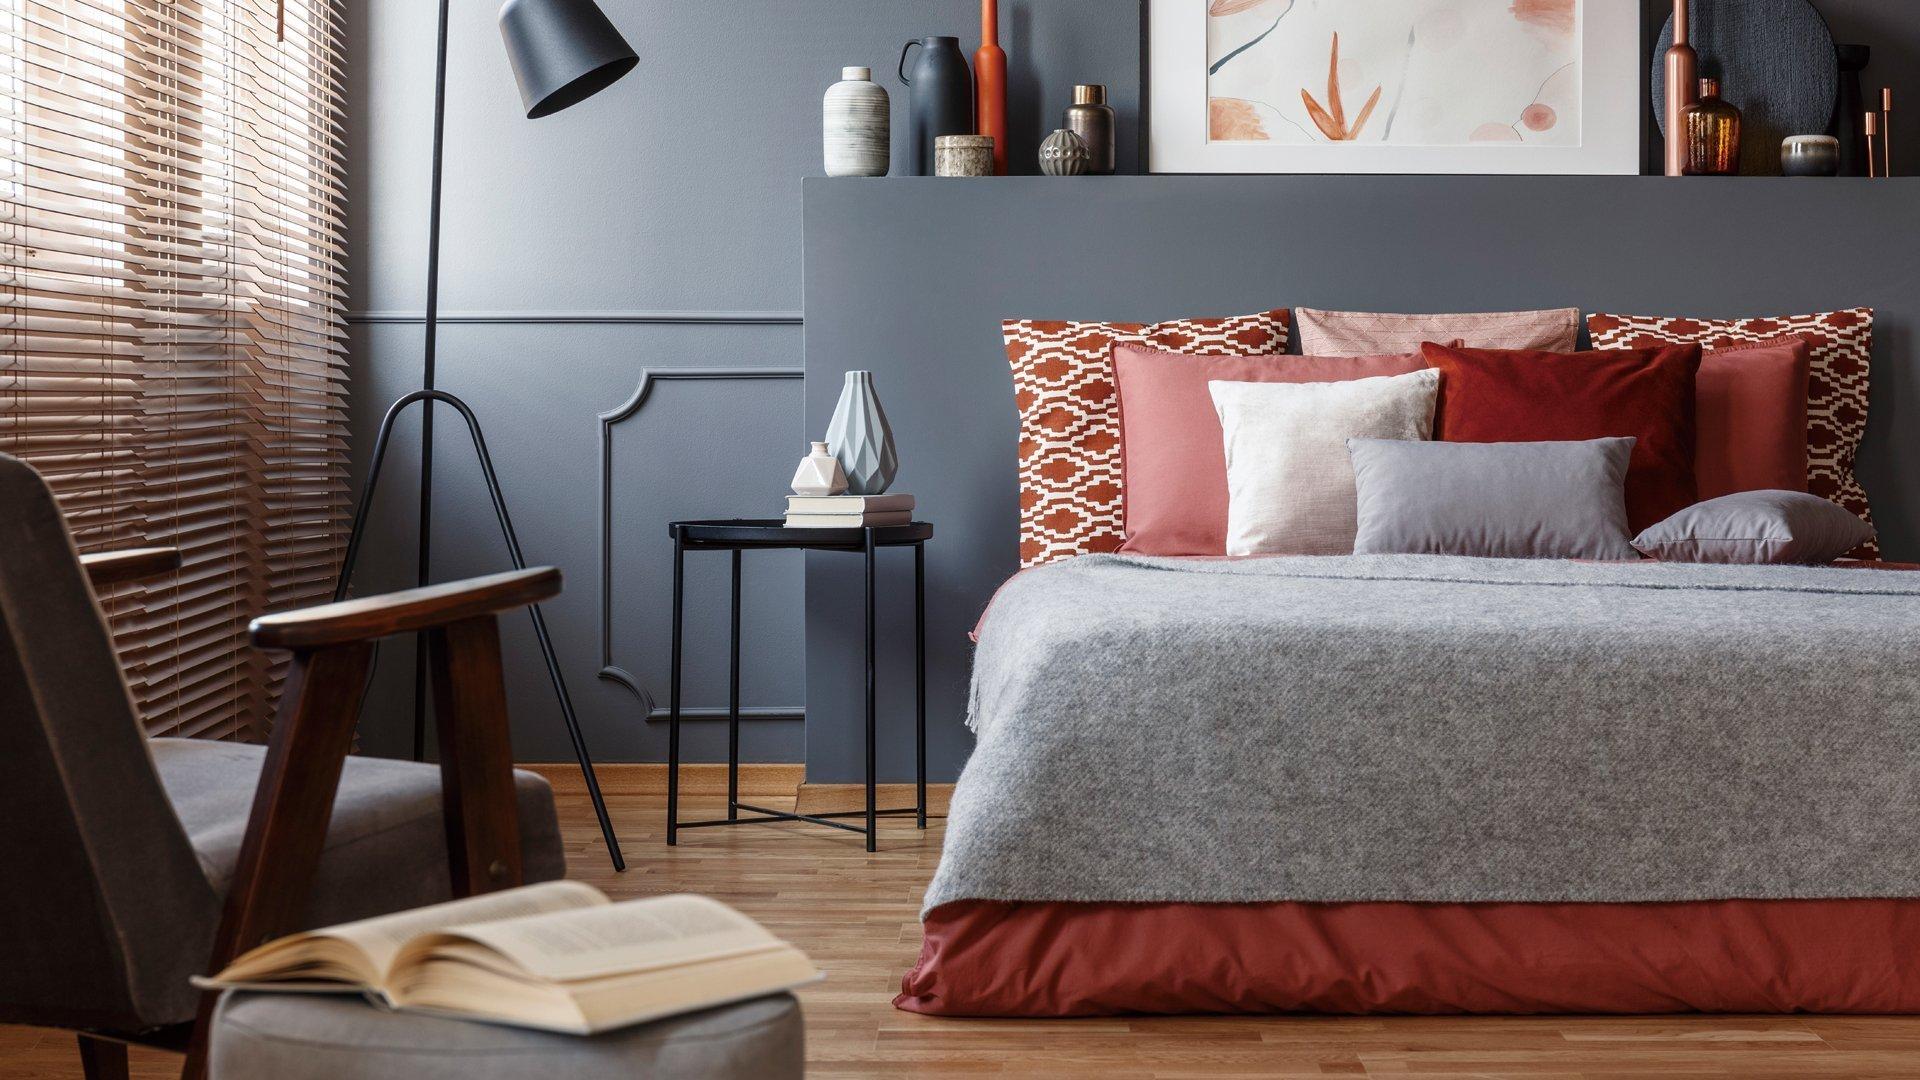 寢室和棉被保持乾淨、一週一次於陽光下曝曬寢具